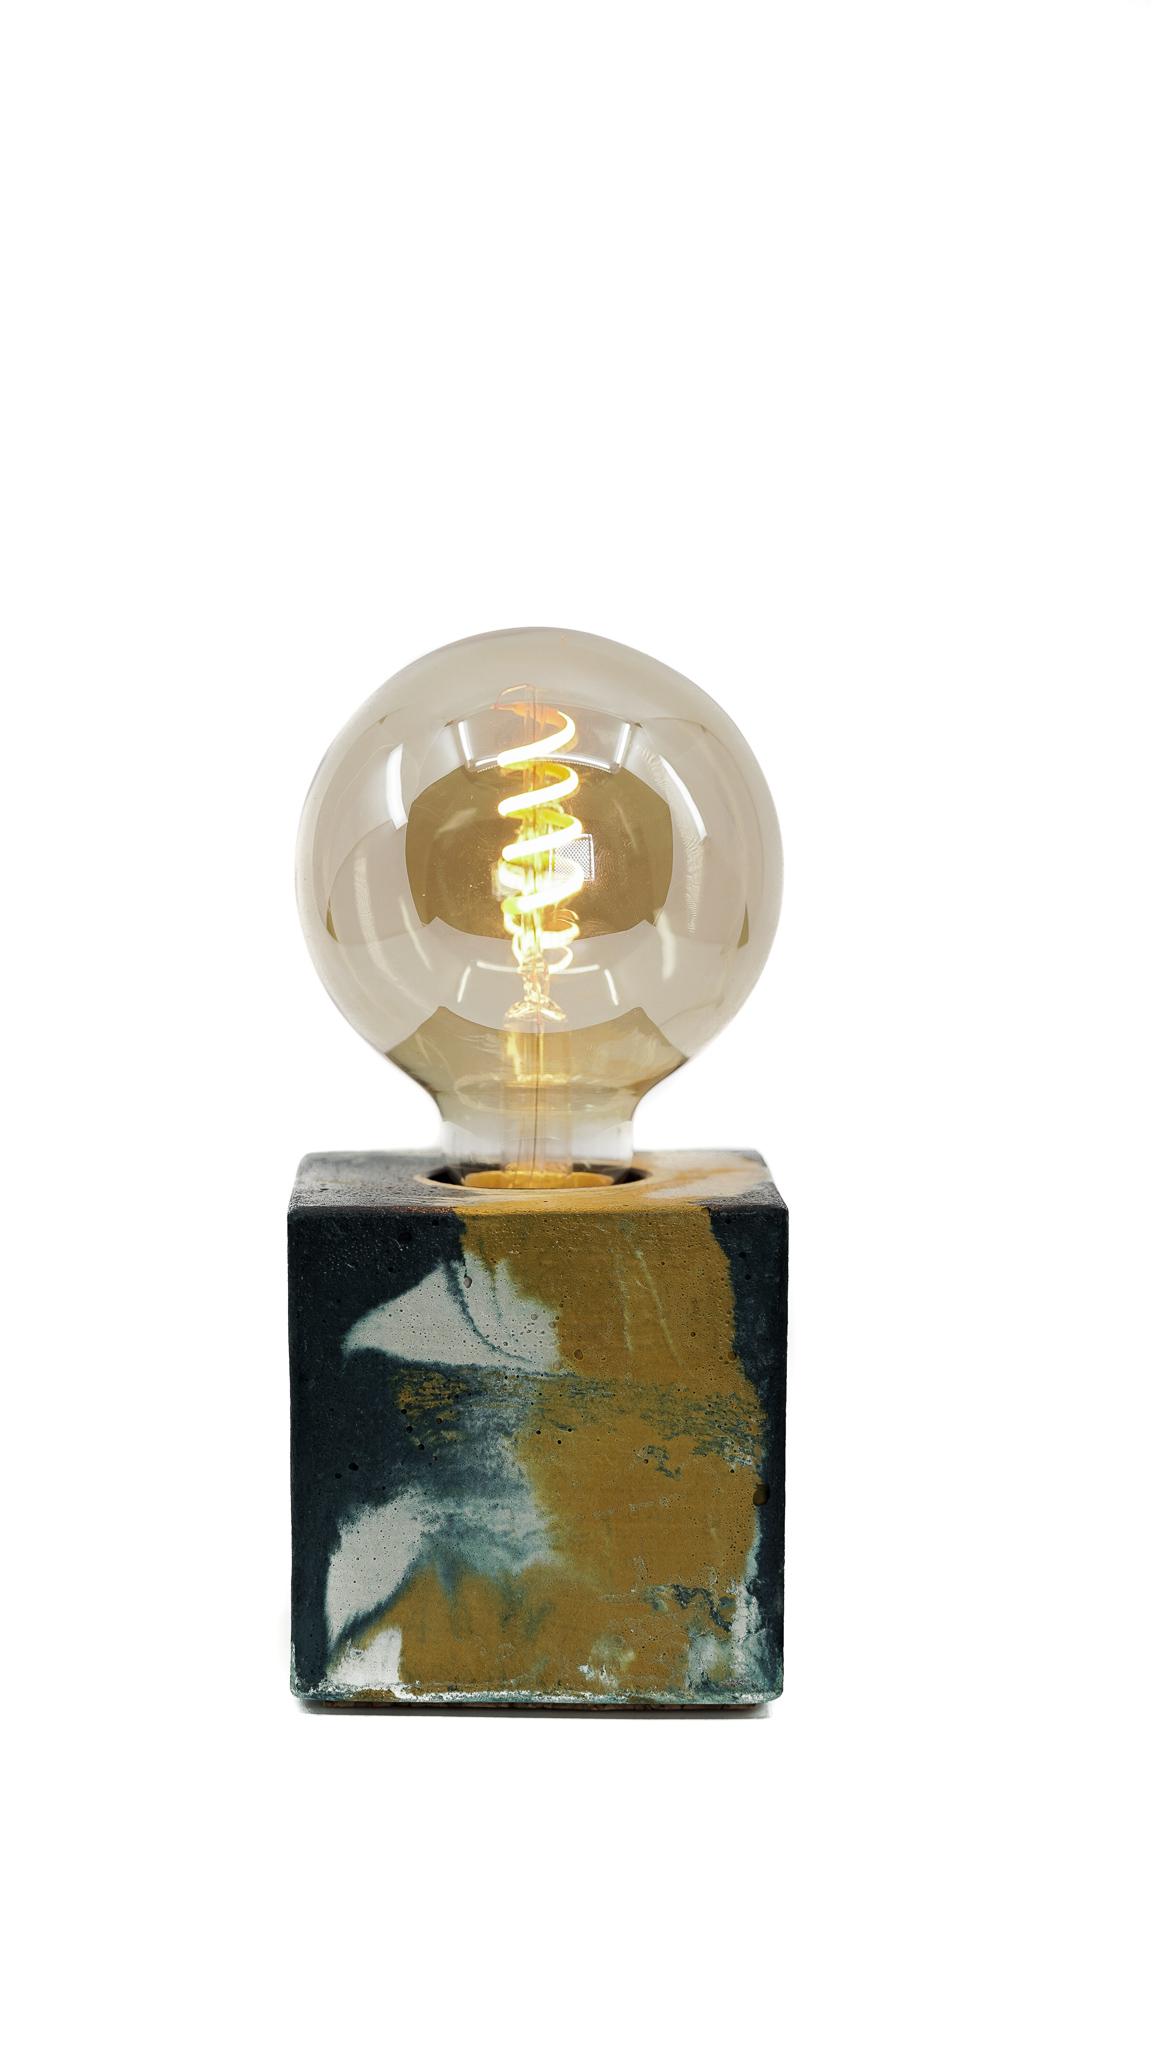 Lampe cube marbré en béton jaune & bleu